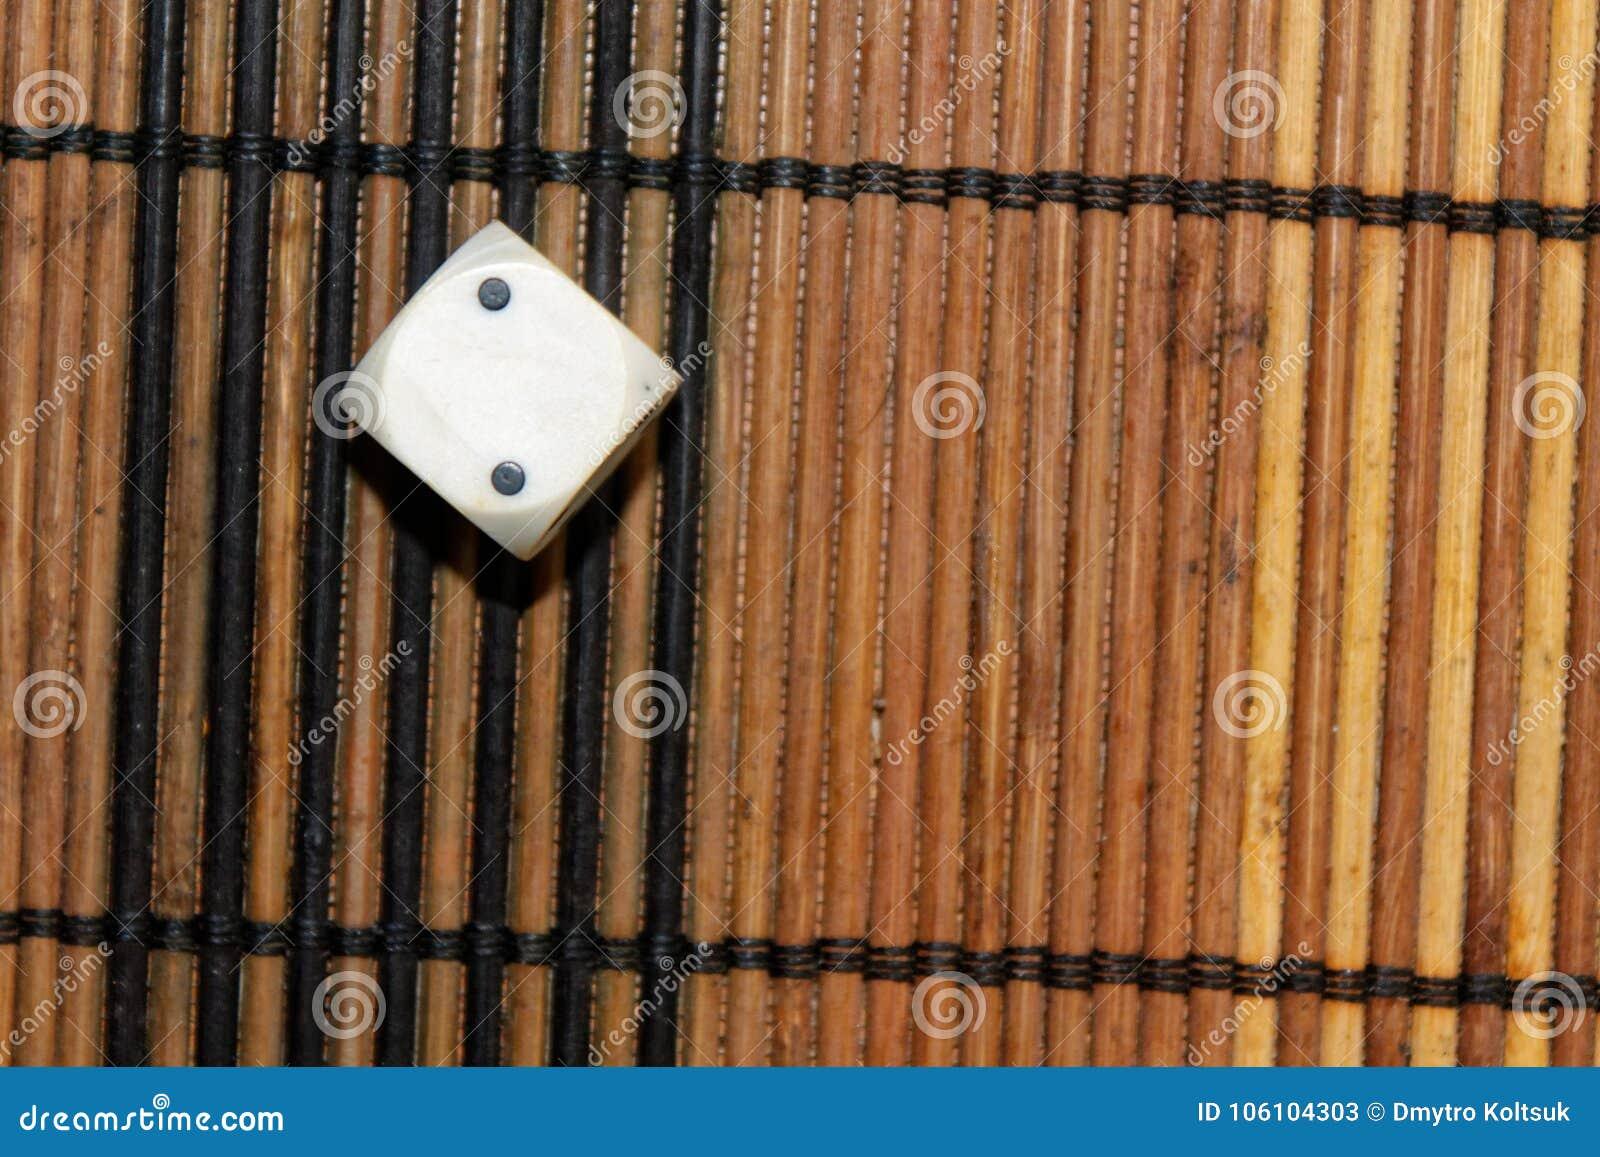 在棕色木板背景的一个白色塑料模子 与黑小点的六个边立方体 第2